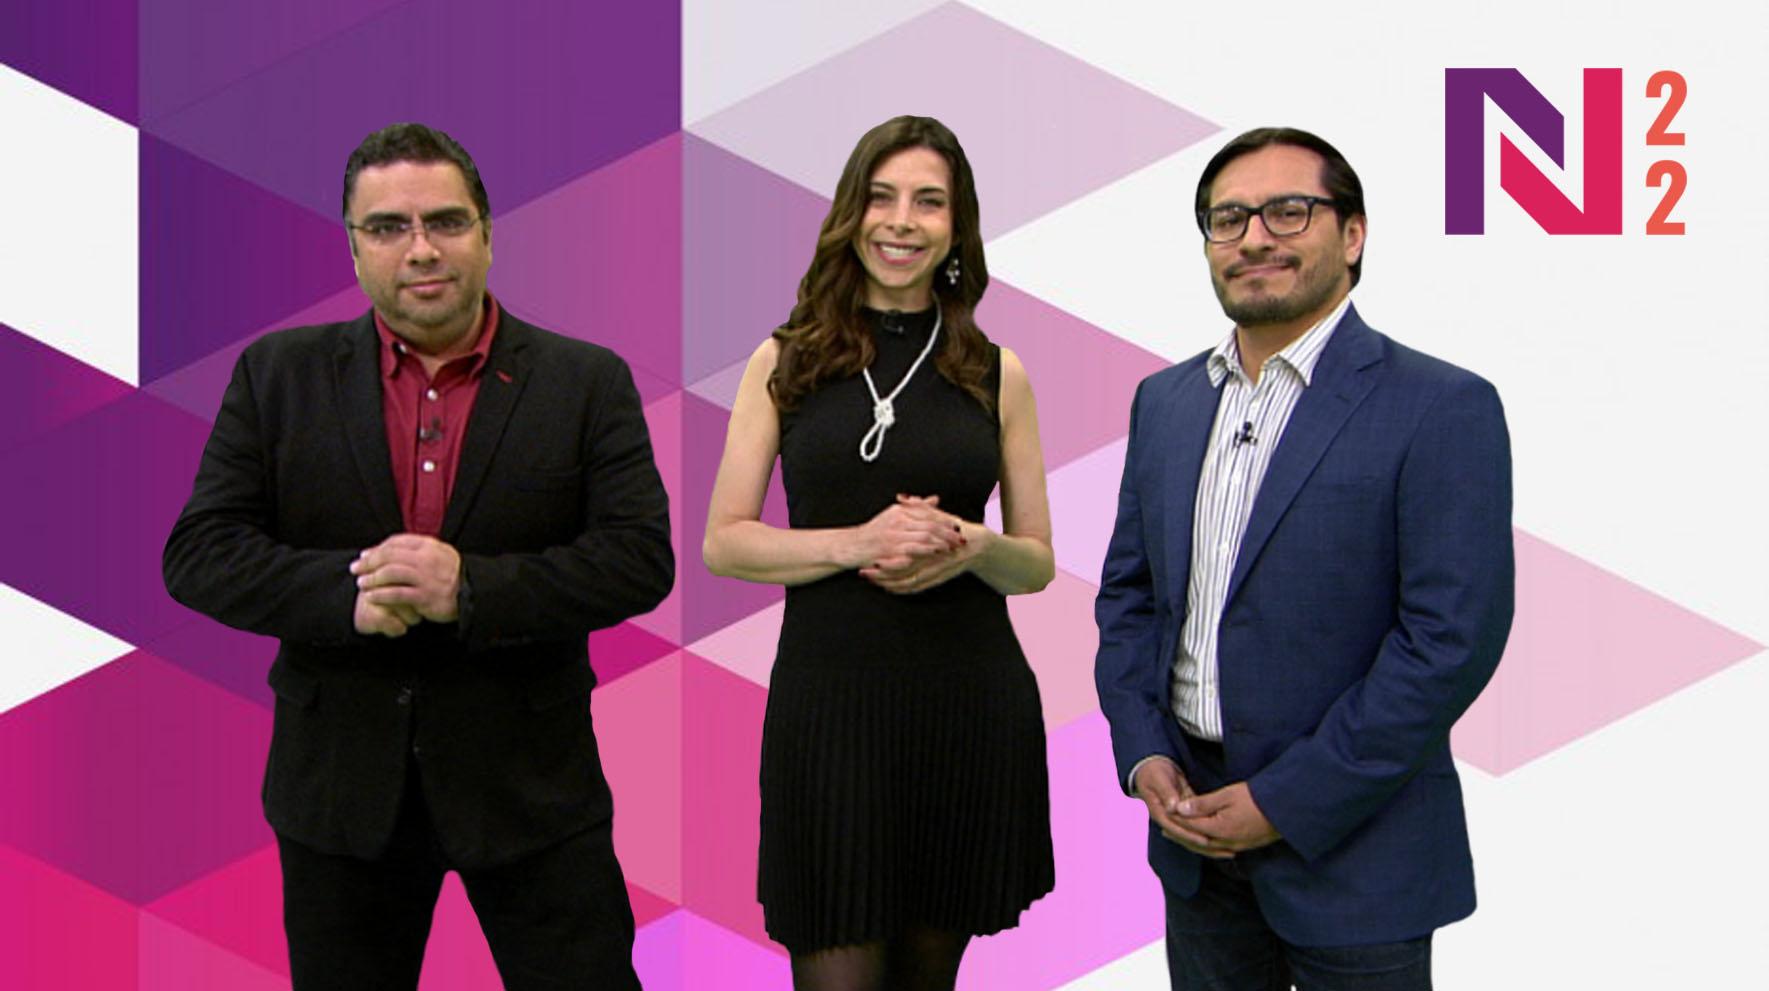 42e0491f510 Noticias 22 Digital - El noticiario cultural de México.